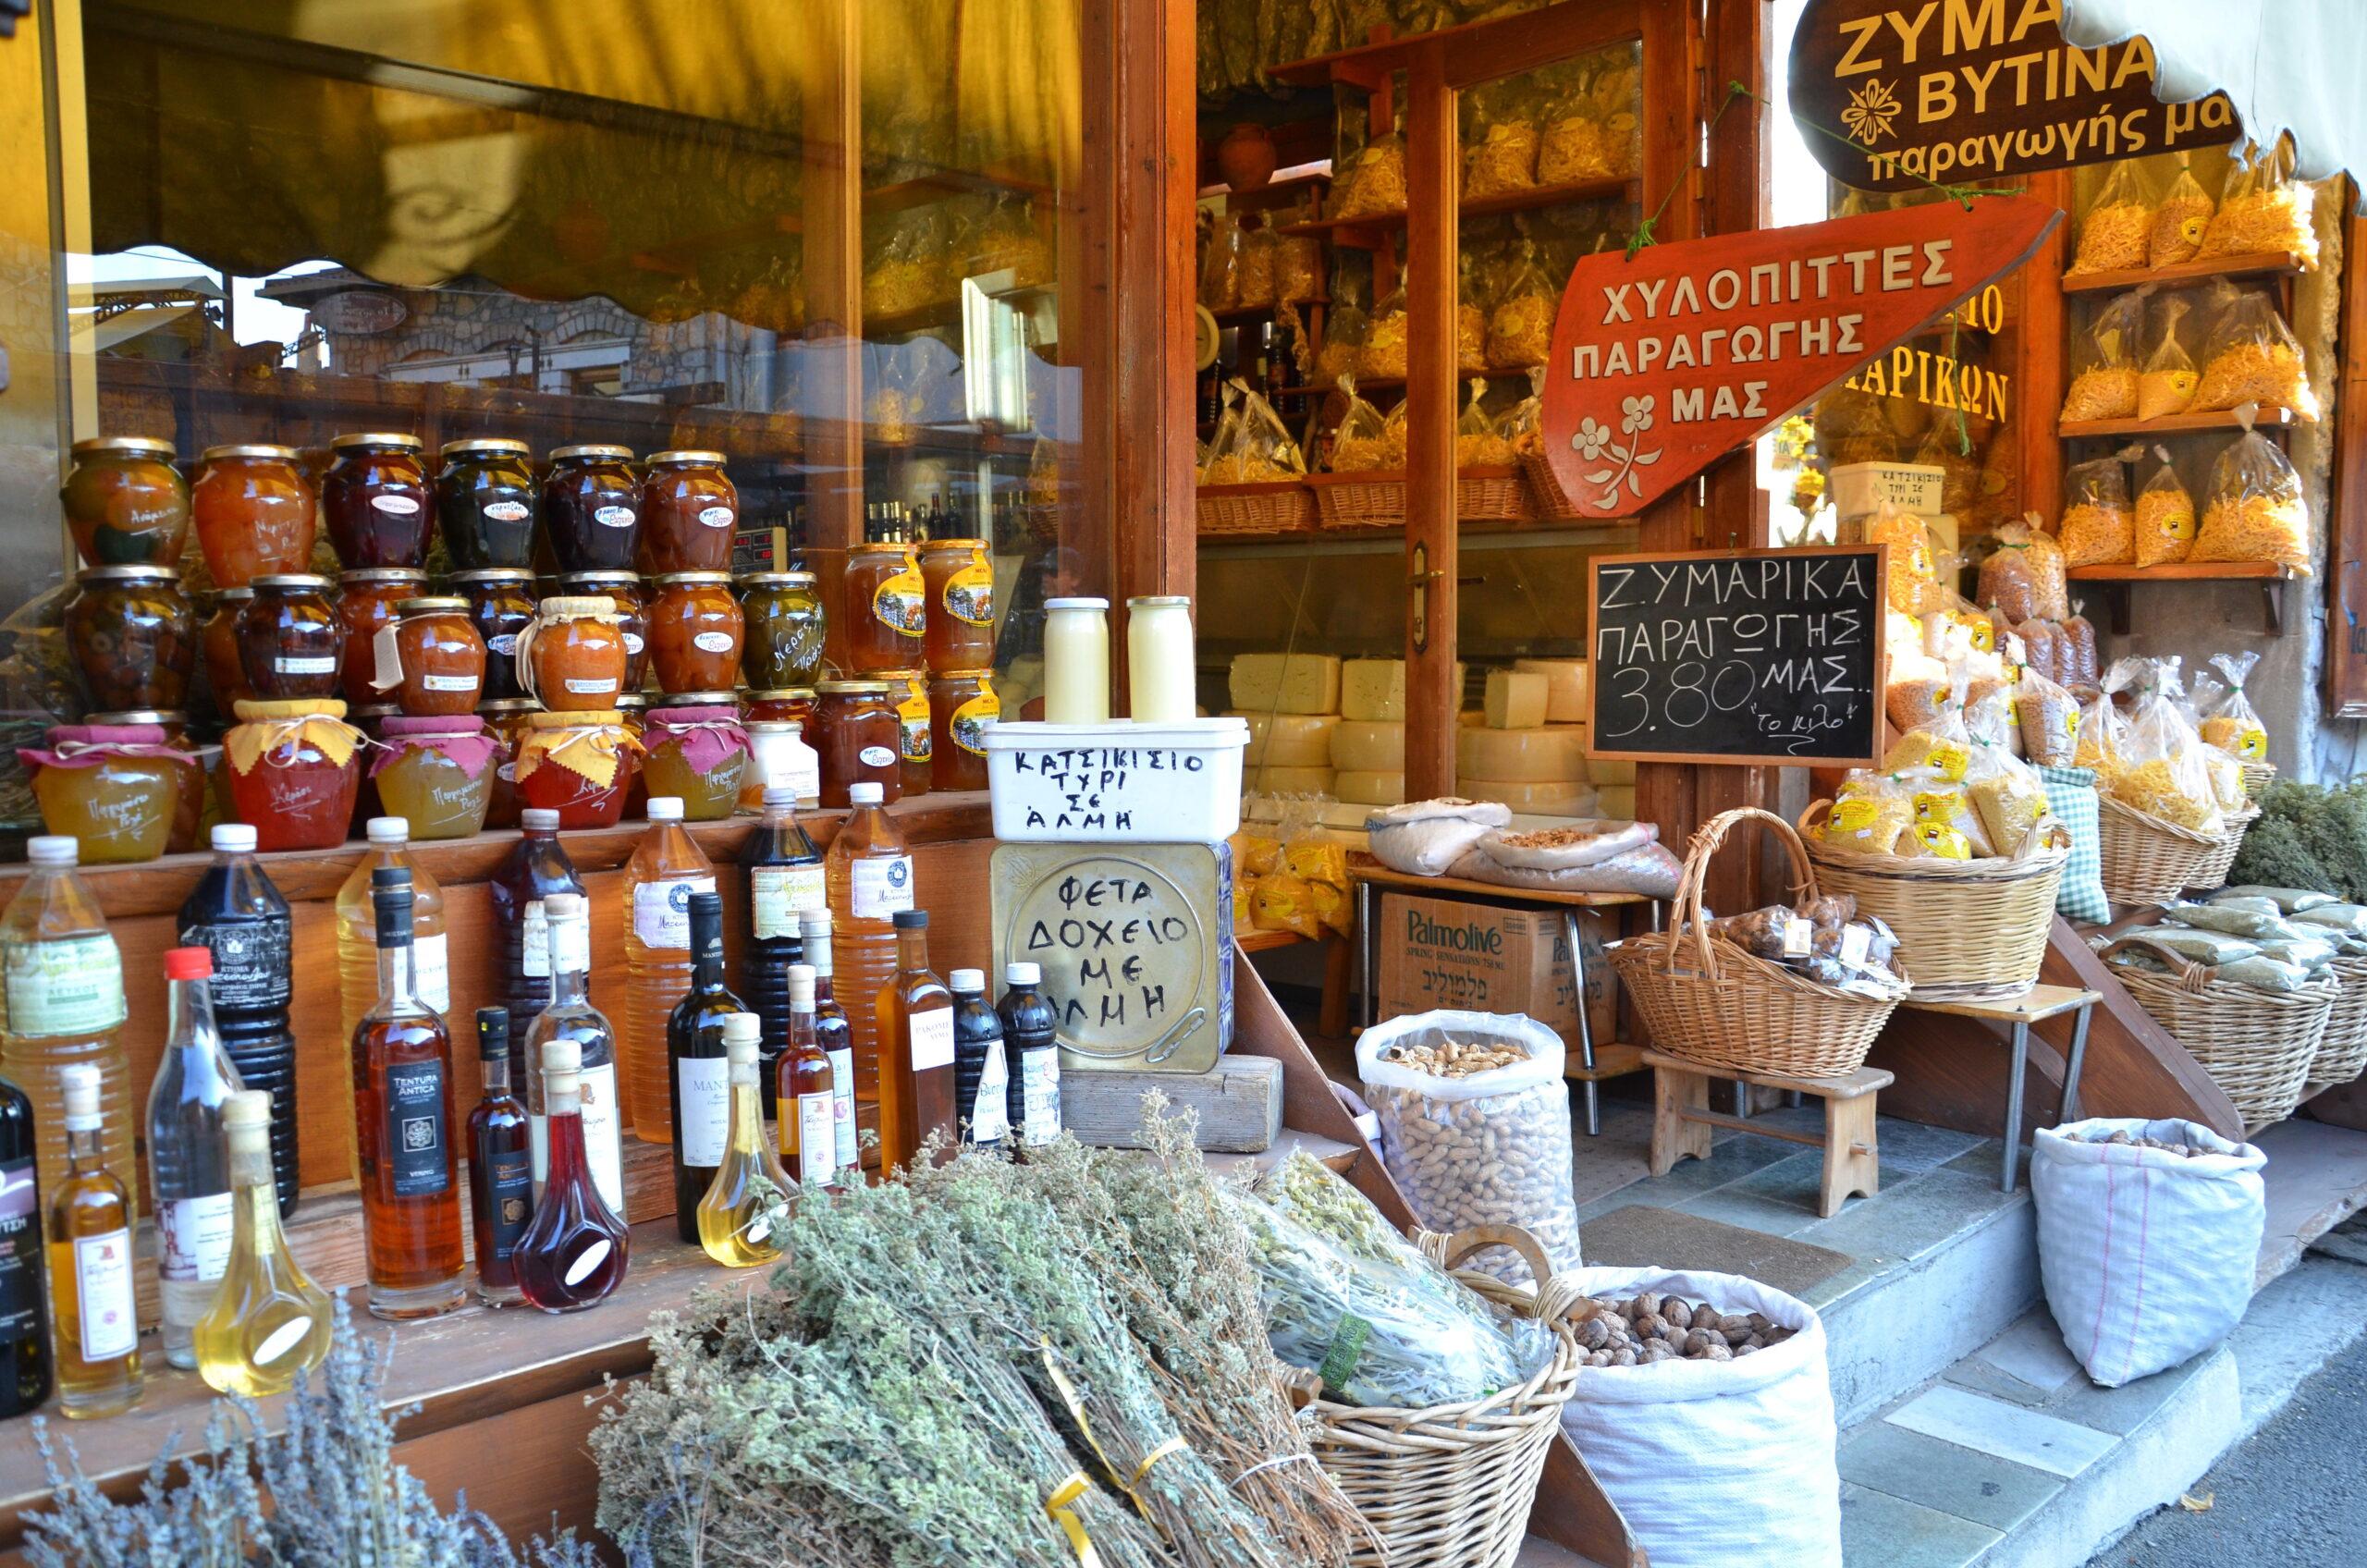 χειροποίητα ζυµαρικά, μέλι και άλλα παραδοσιακά προϊόντα